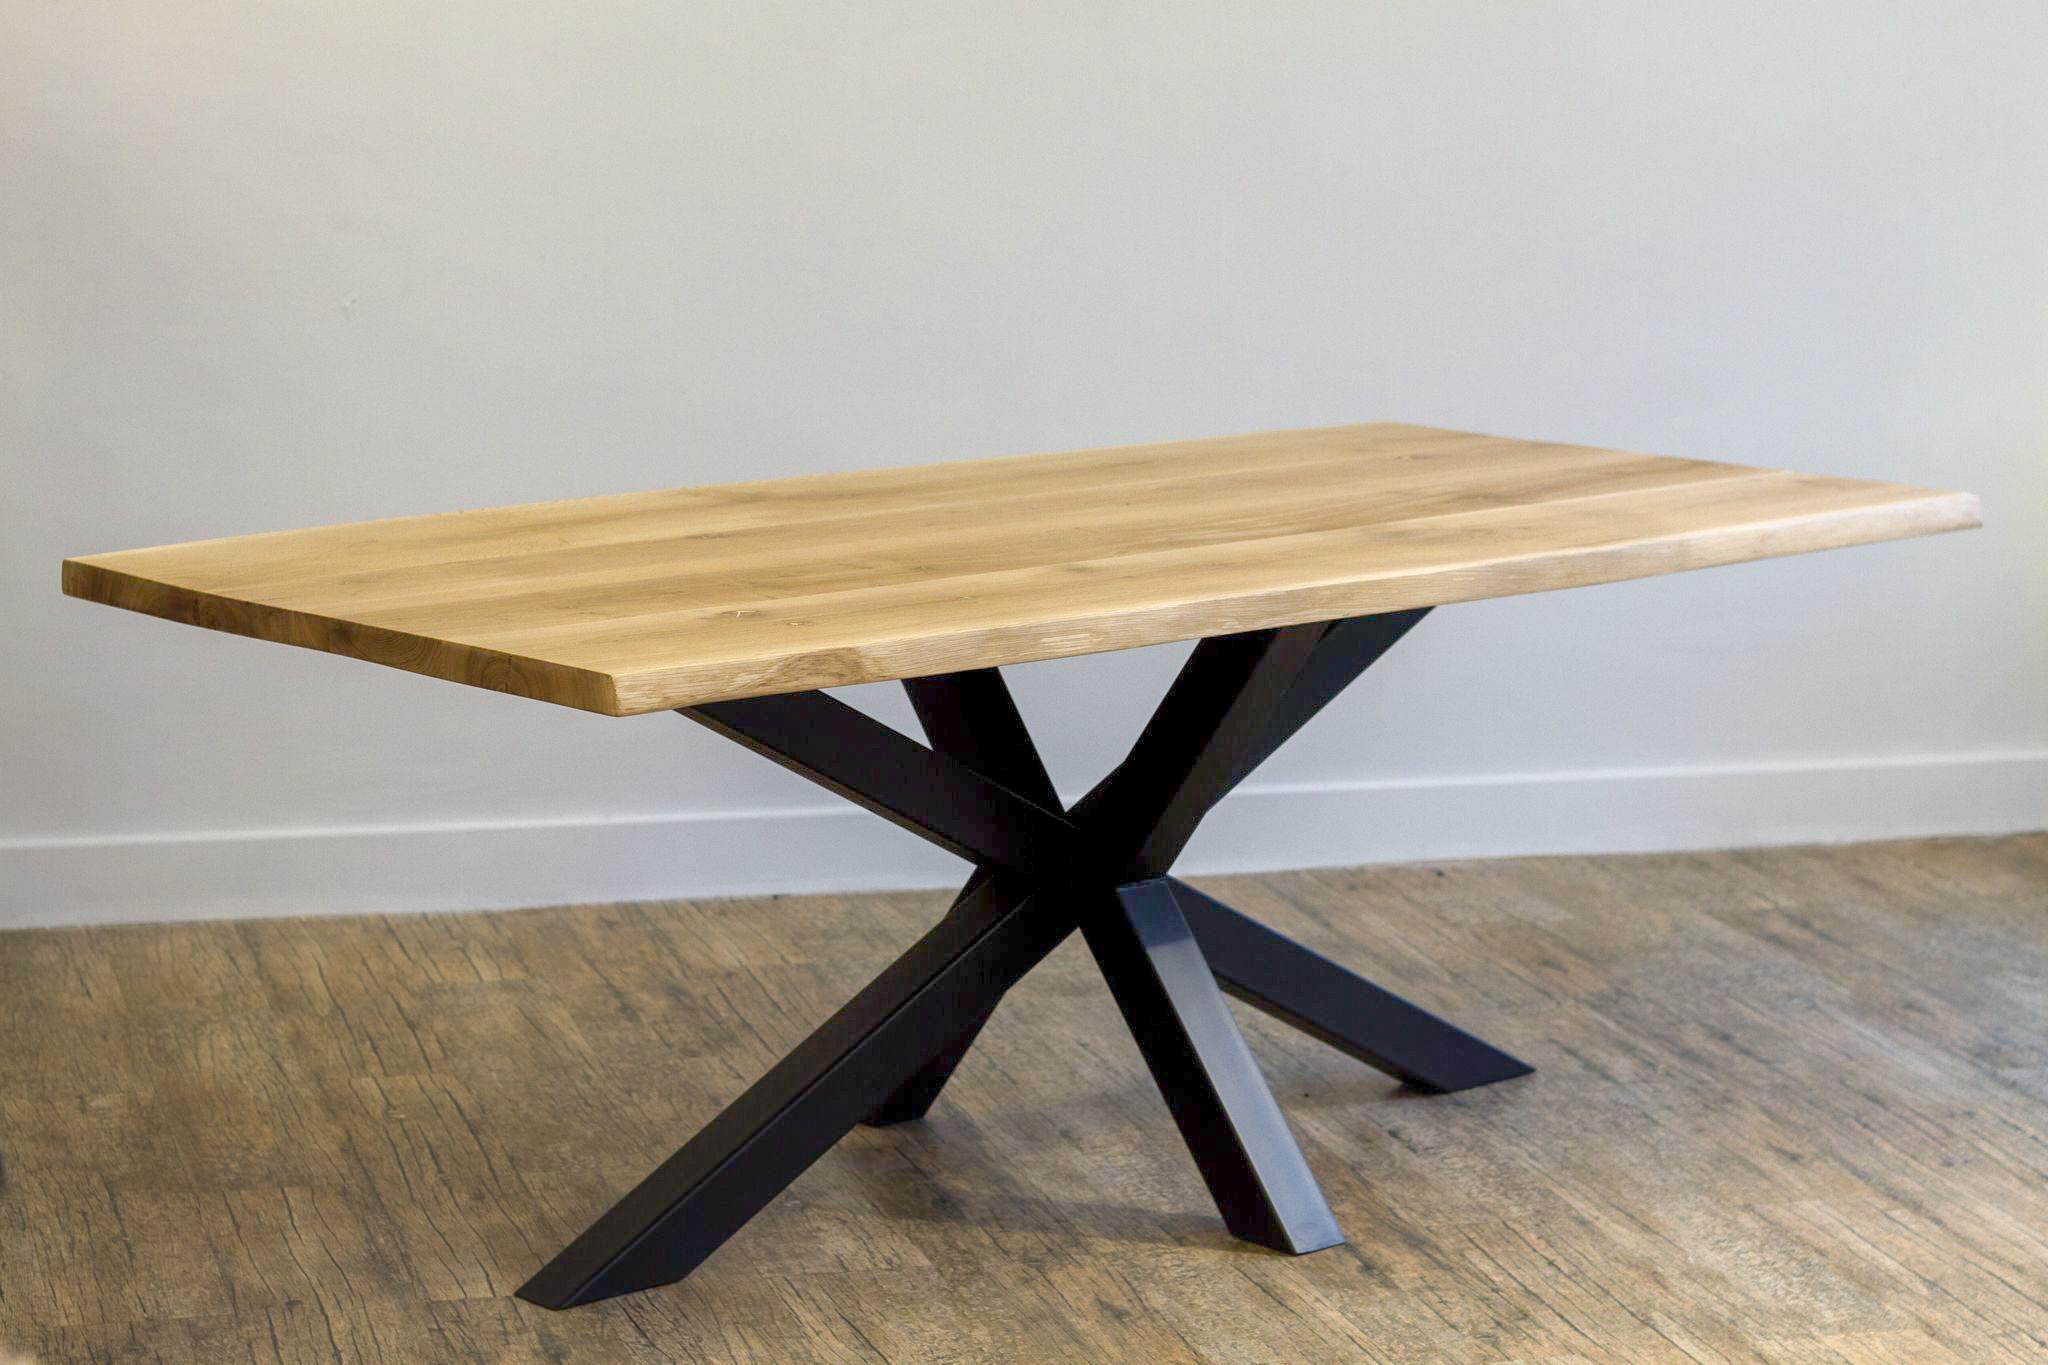 Τραπέζι Τραπεζαρίας Κορμός Δρυς Μασίφ κερωμένο με μεταλλική στιβαρή βάση. Χειροποίητο φυσικό έπιπλο Ελληνικής παραγωγής από επιλεγμένα ξύλα.